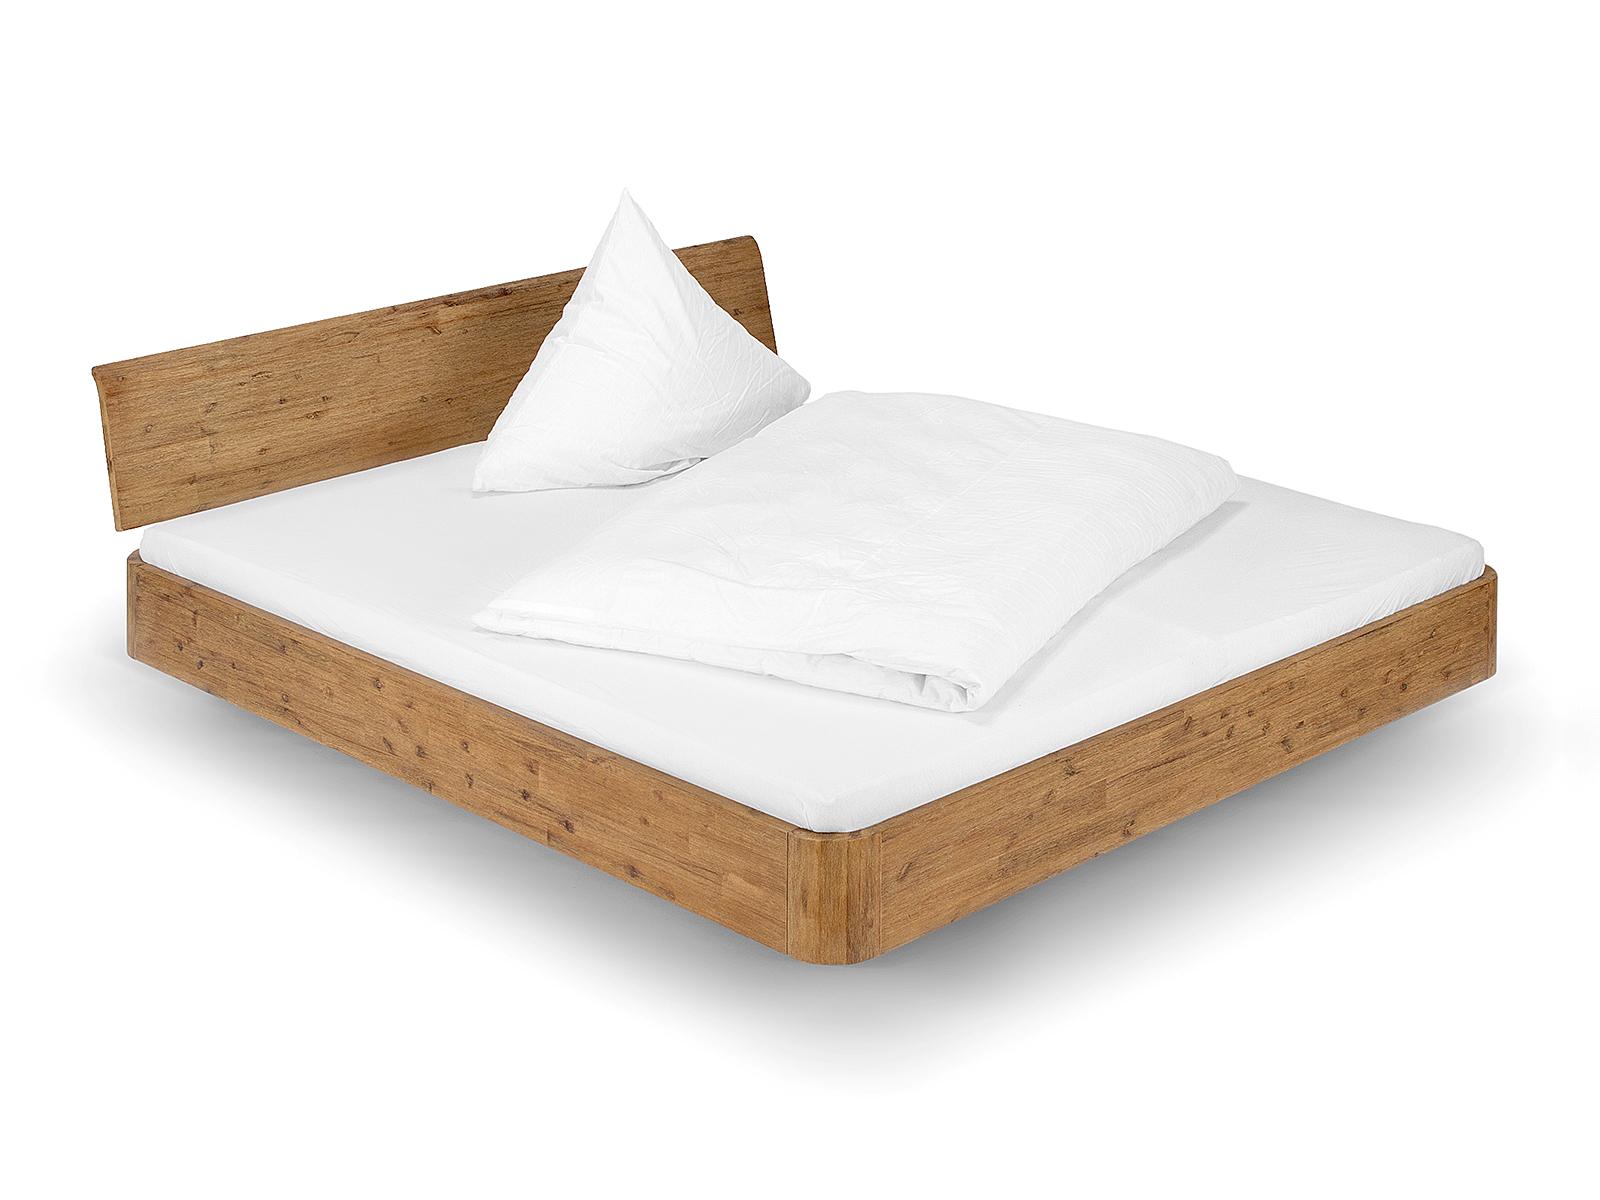 Wohnzimmerz: Bett Schwebend With Bett Mit Schweberahmen In ...